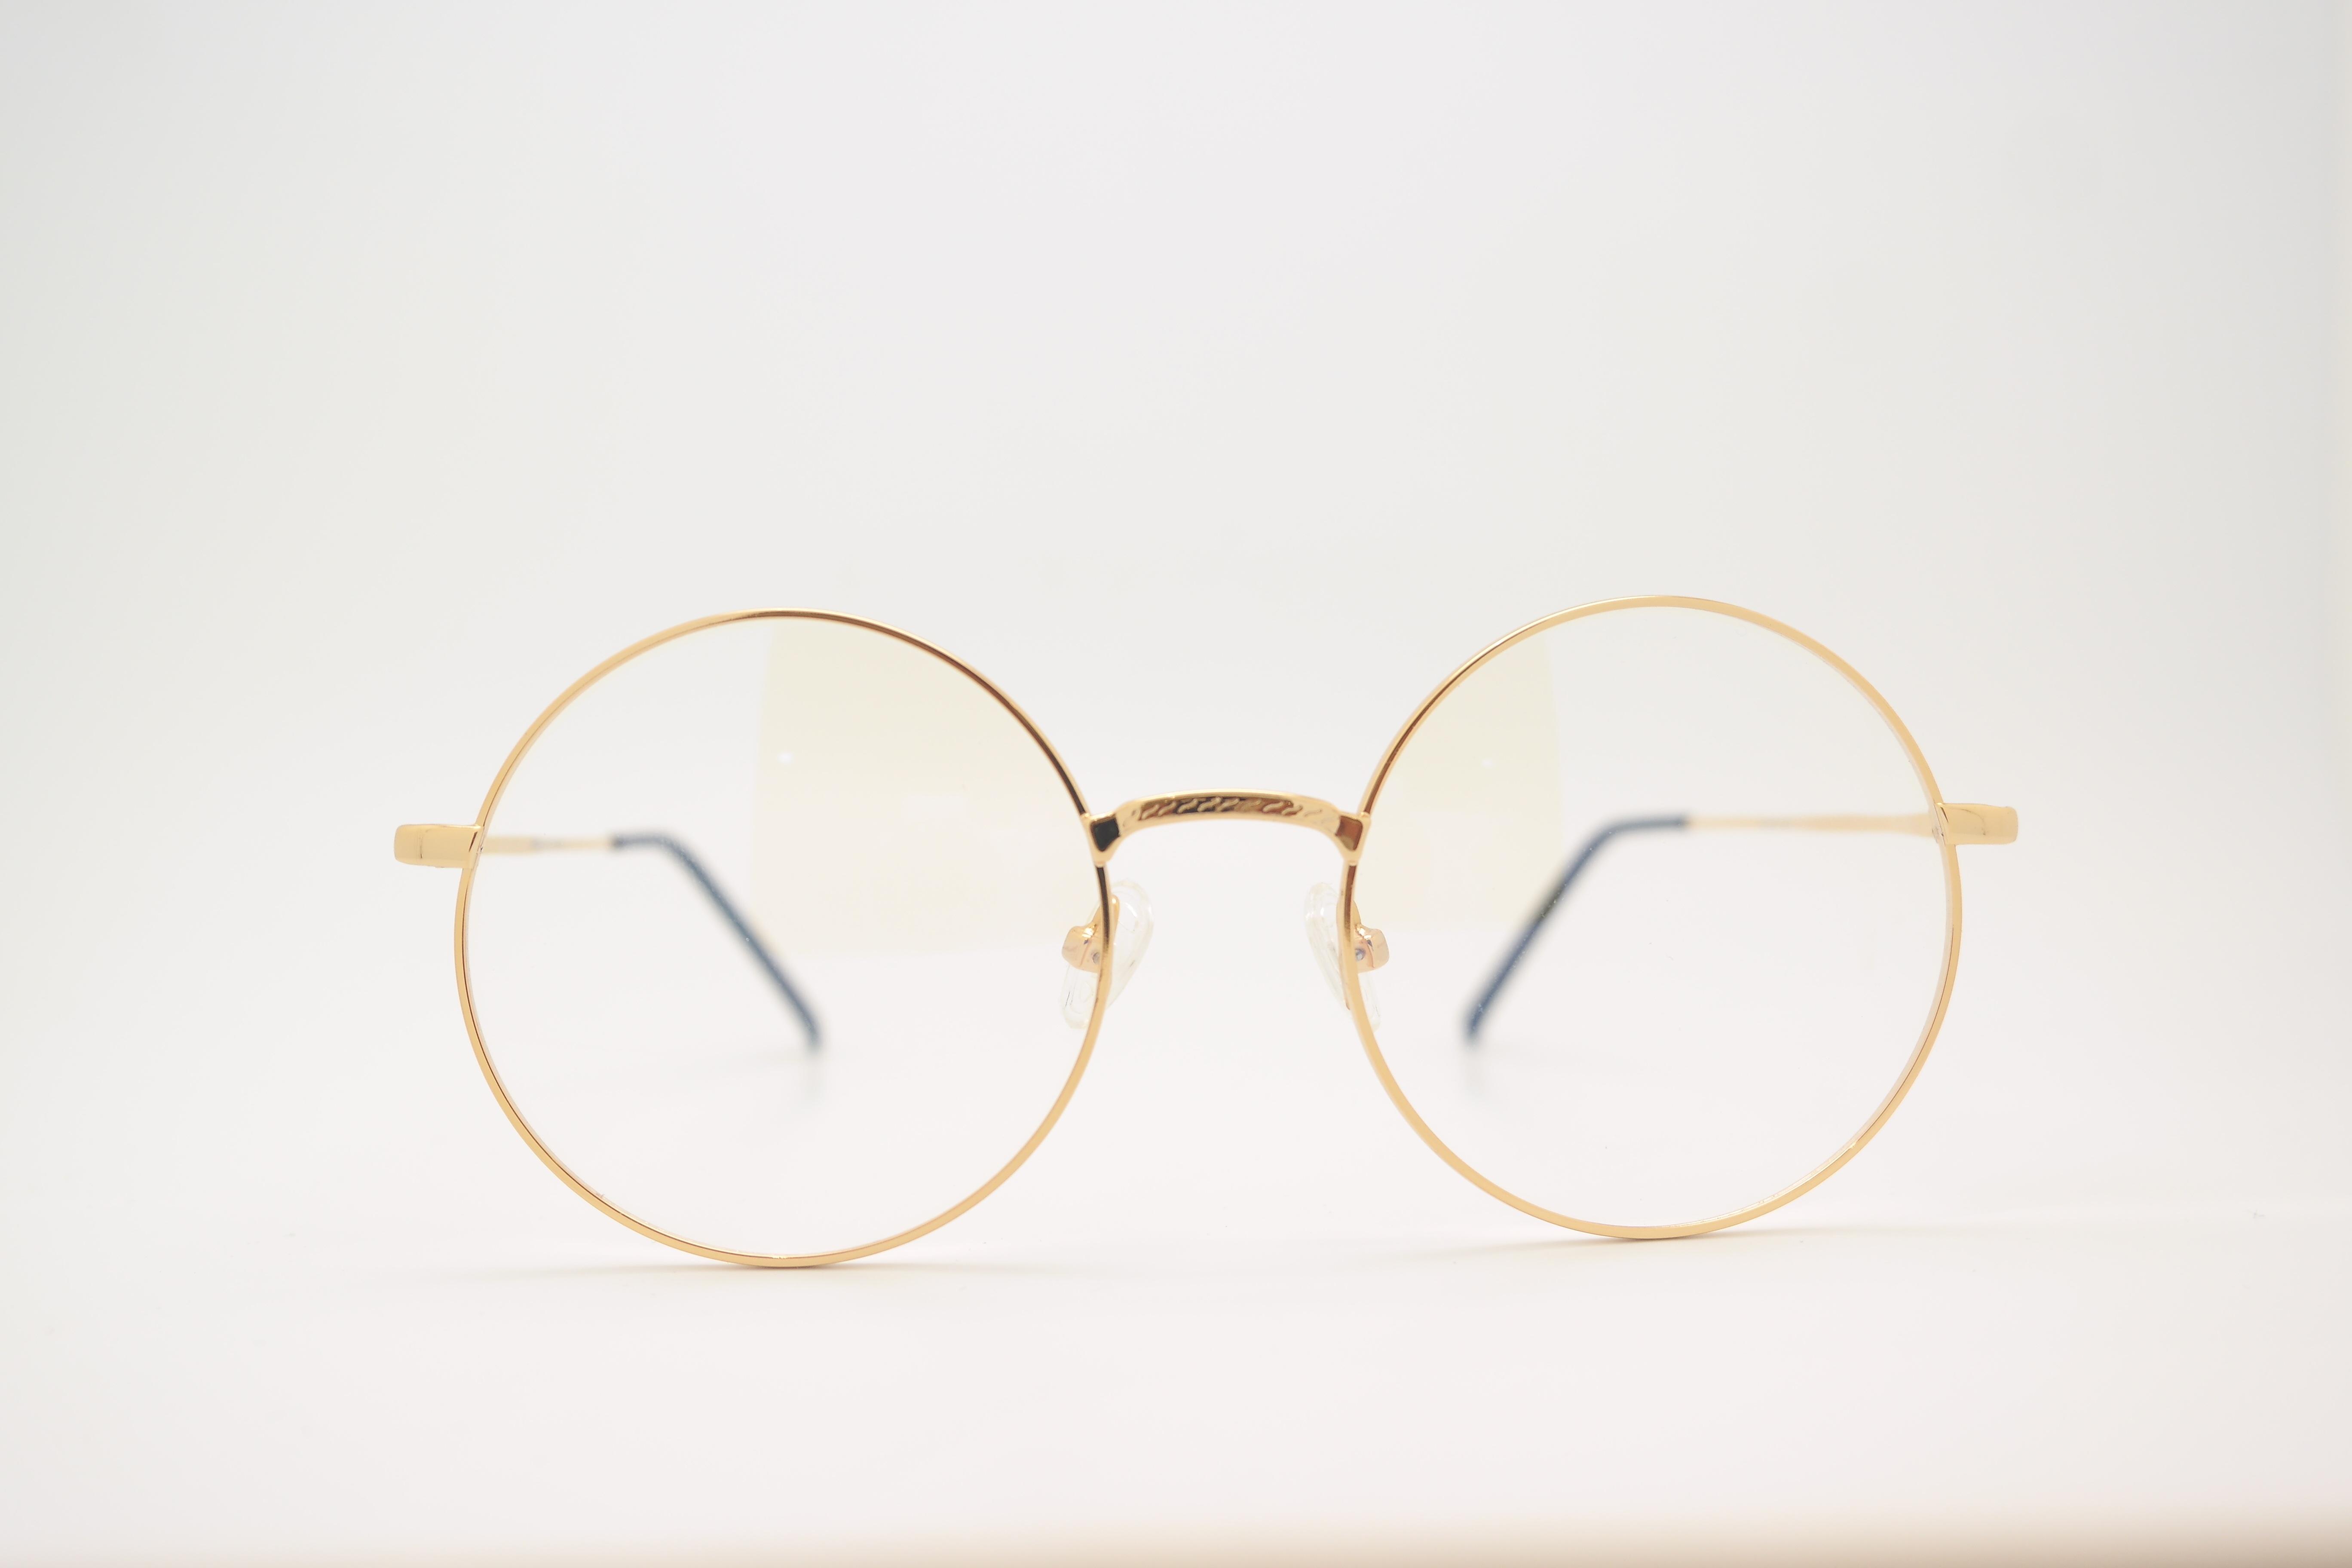 de2ac5deb435 ... lykketræf engel terapi 5472x3648. gylden gået i stykker cirkel solbriller  briller briller form briller glas mode tilbehør vision pleje lykketræf